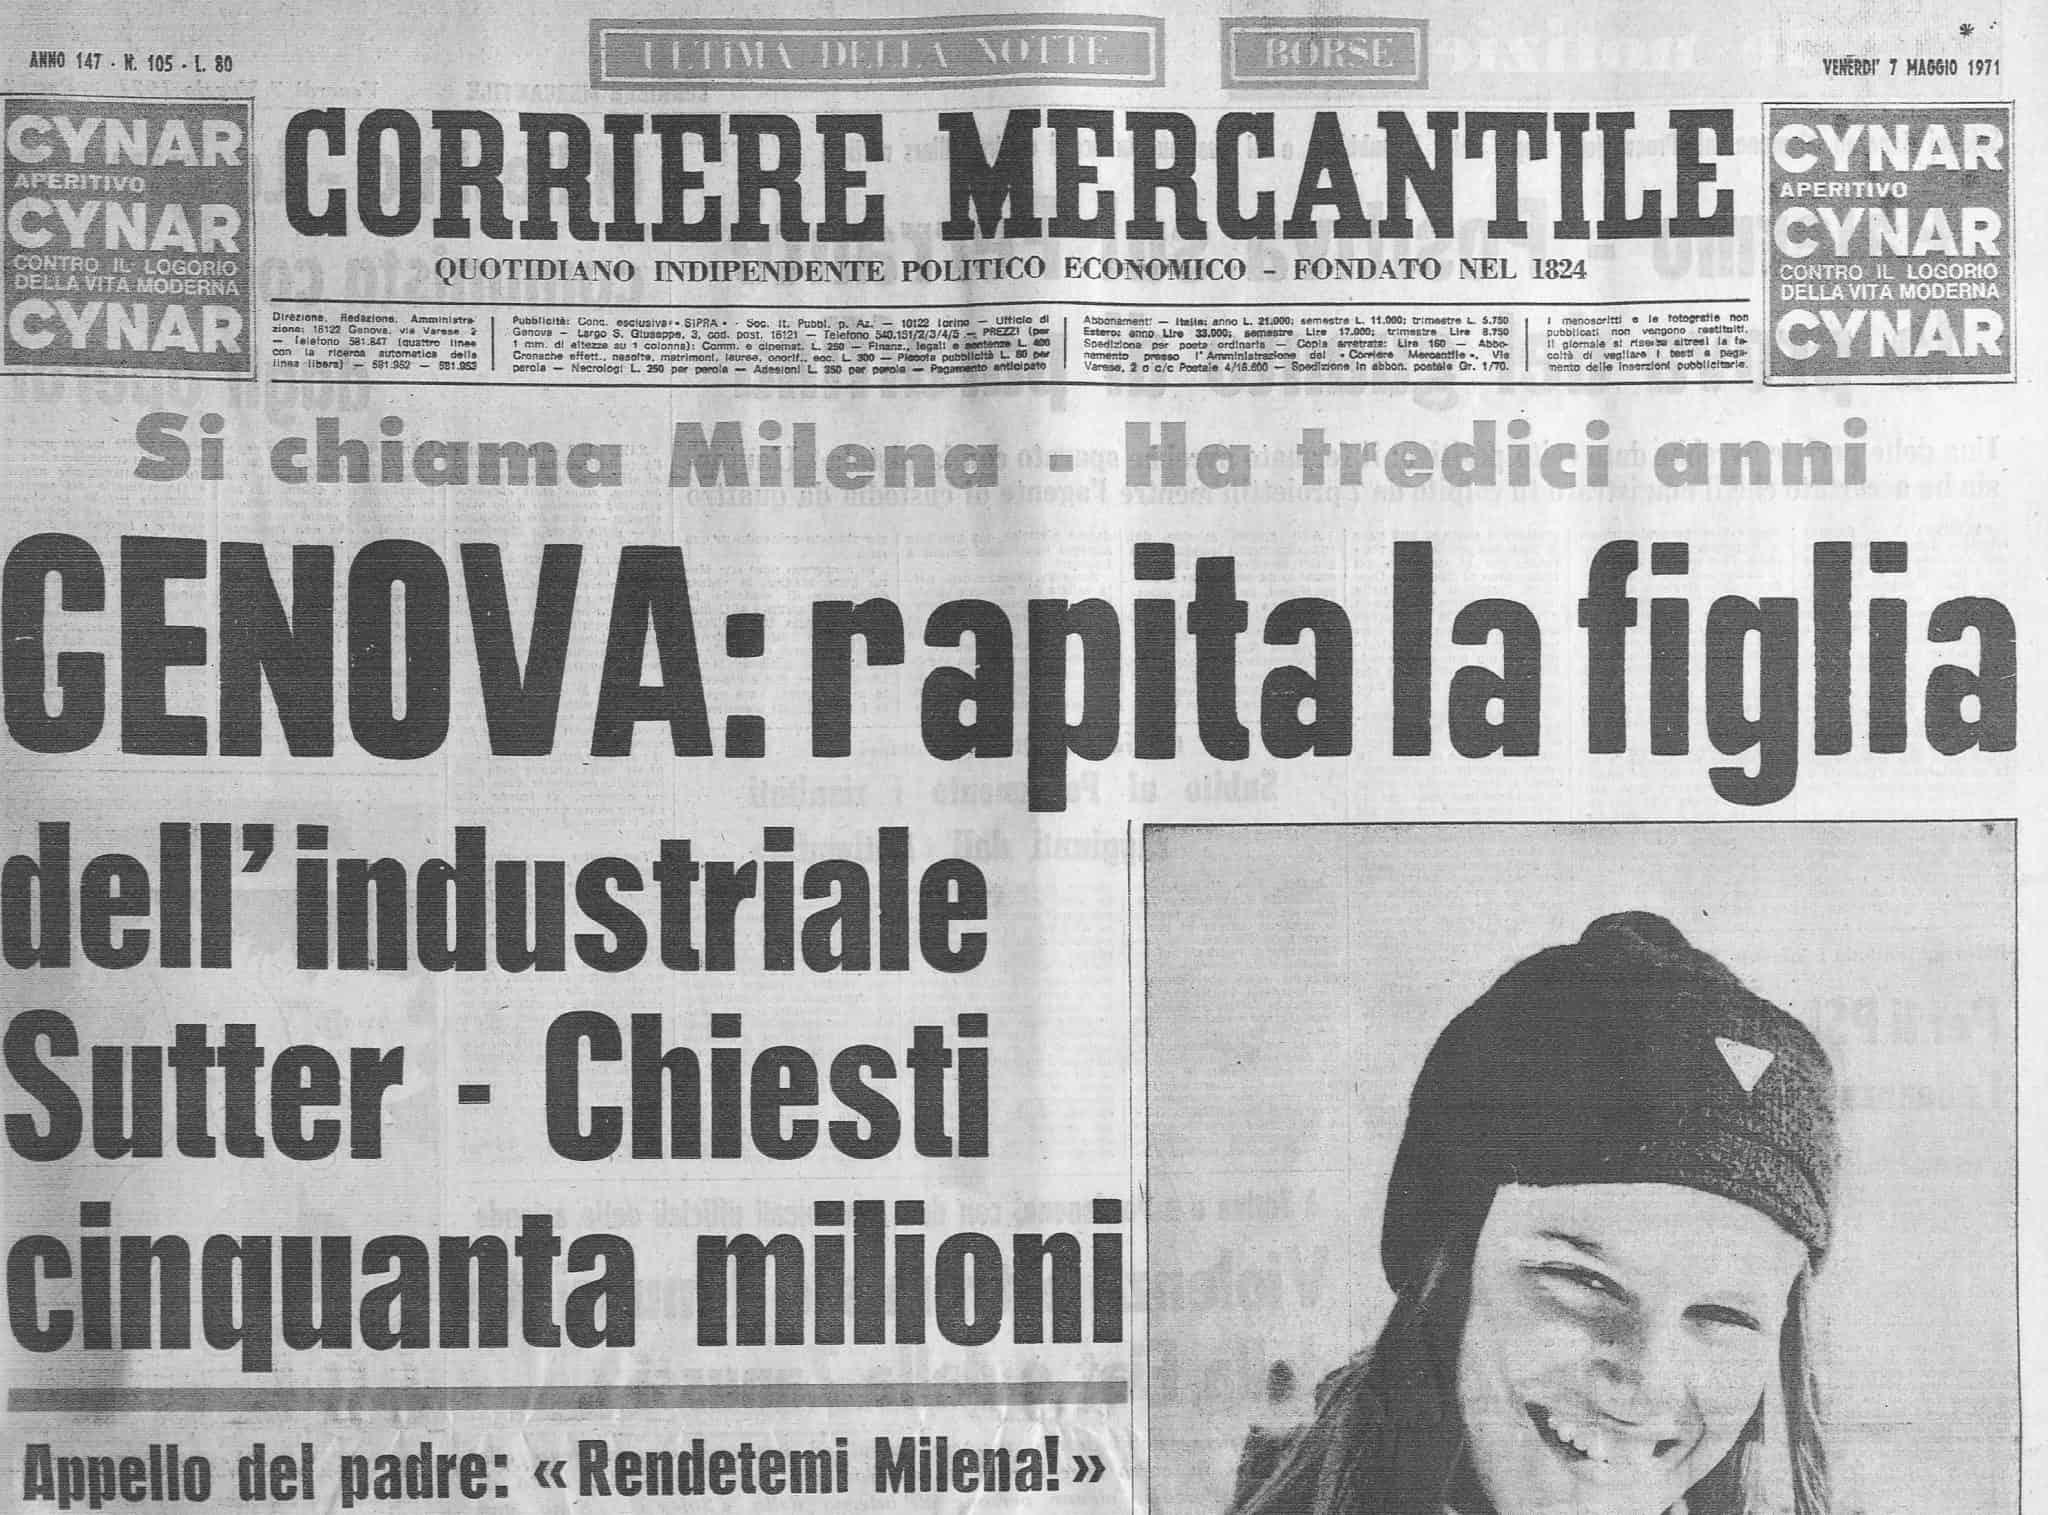 Milena Sutter - Rapimento e omicidio - Genova - 6 maggio 1971